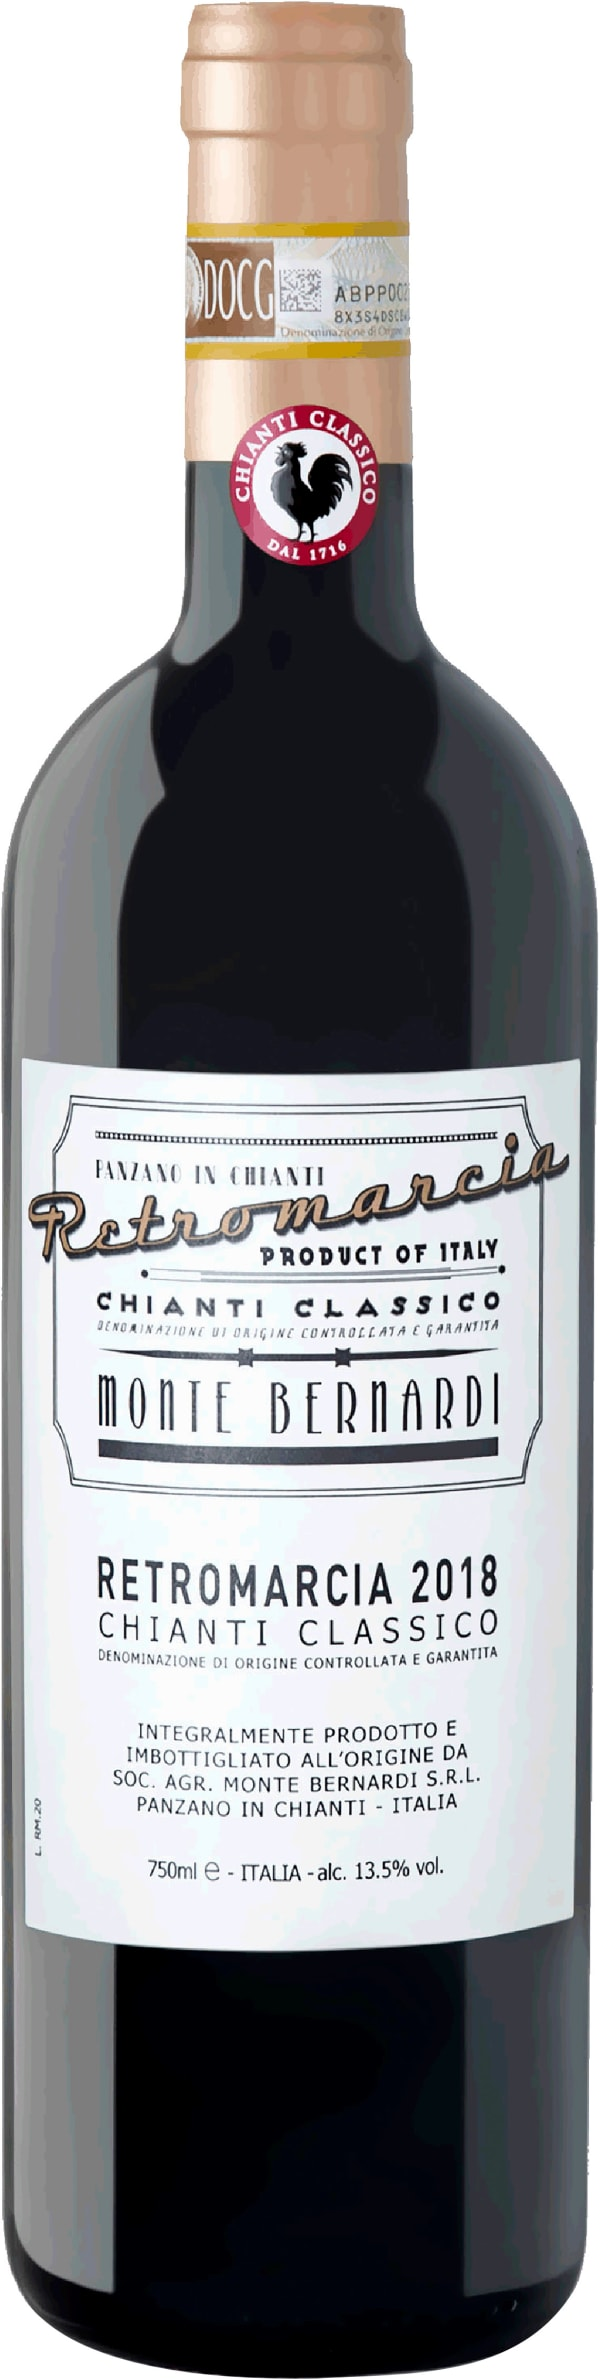 Monte Bernardi Retromarcia Chianti Classico 2017